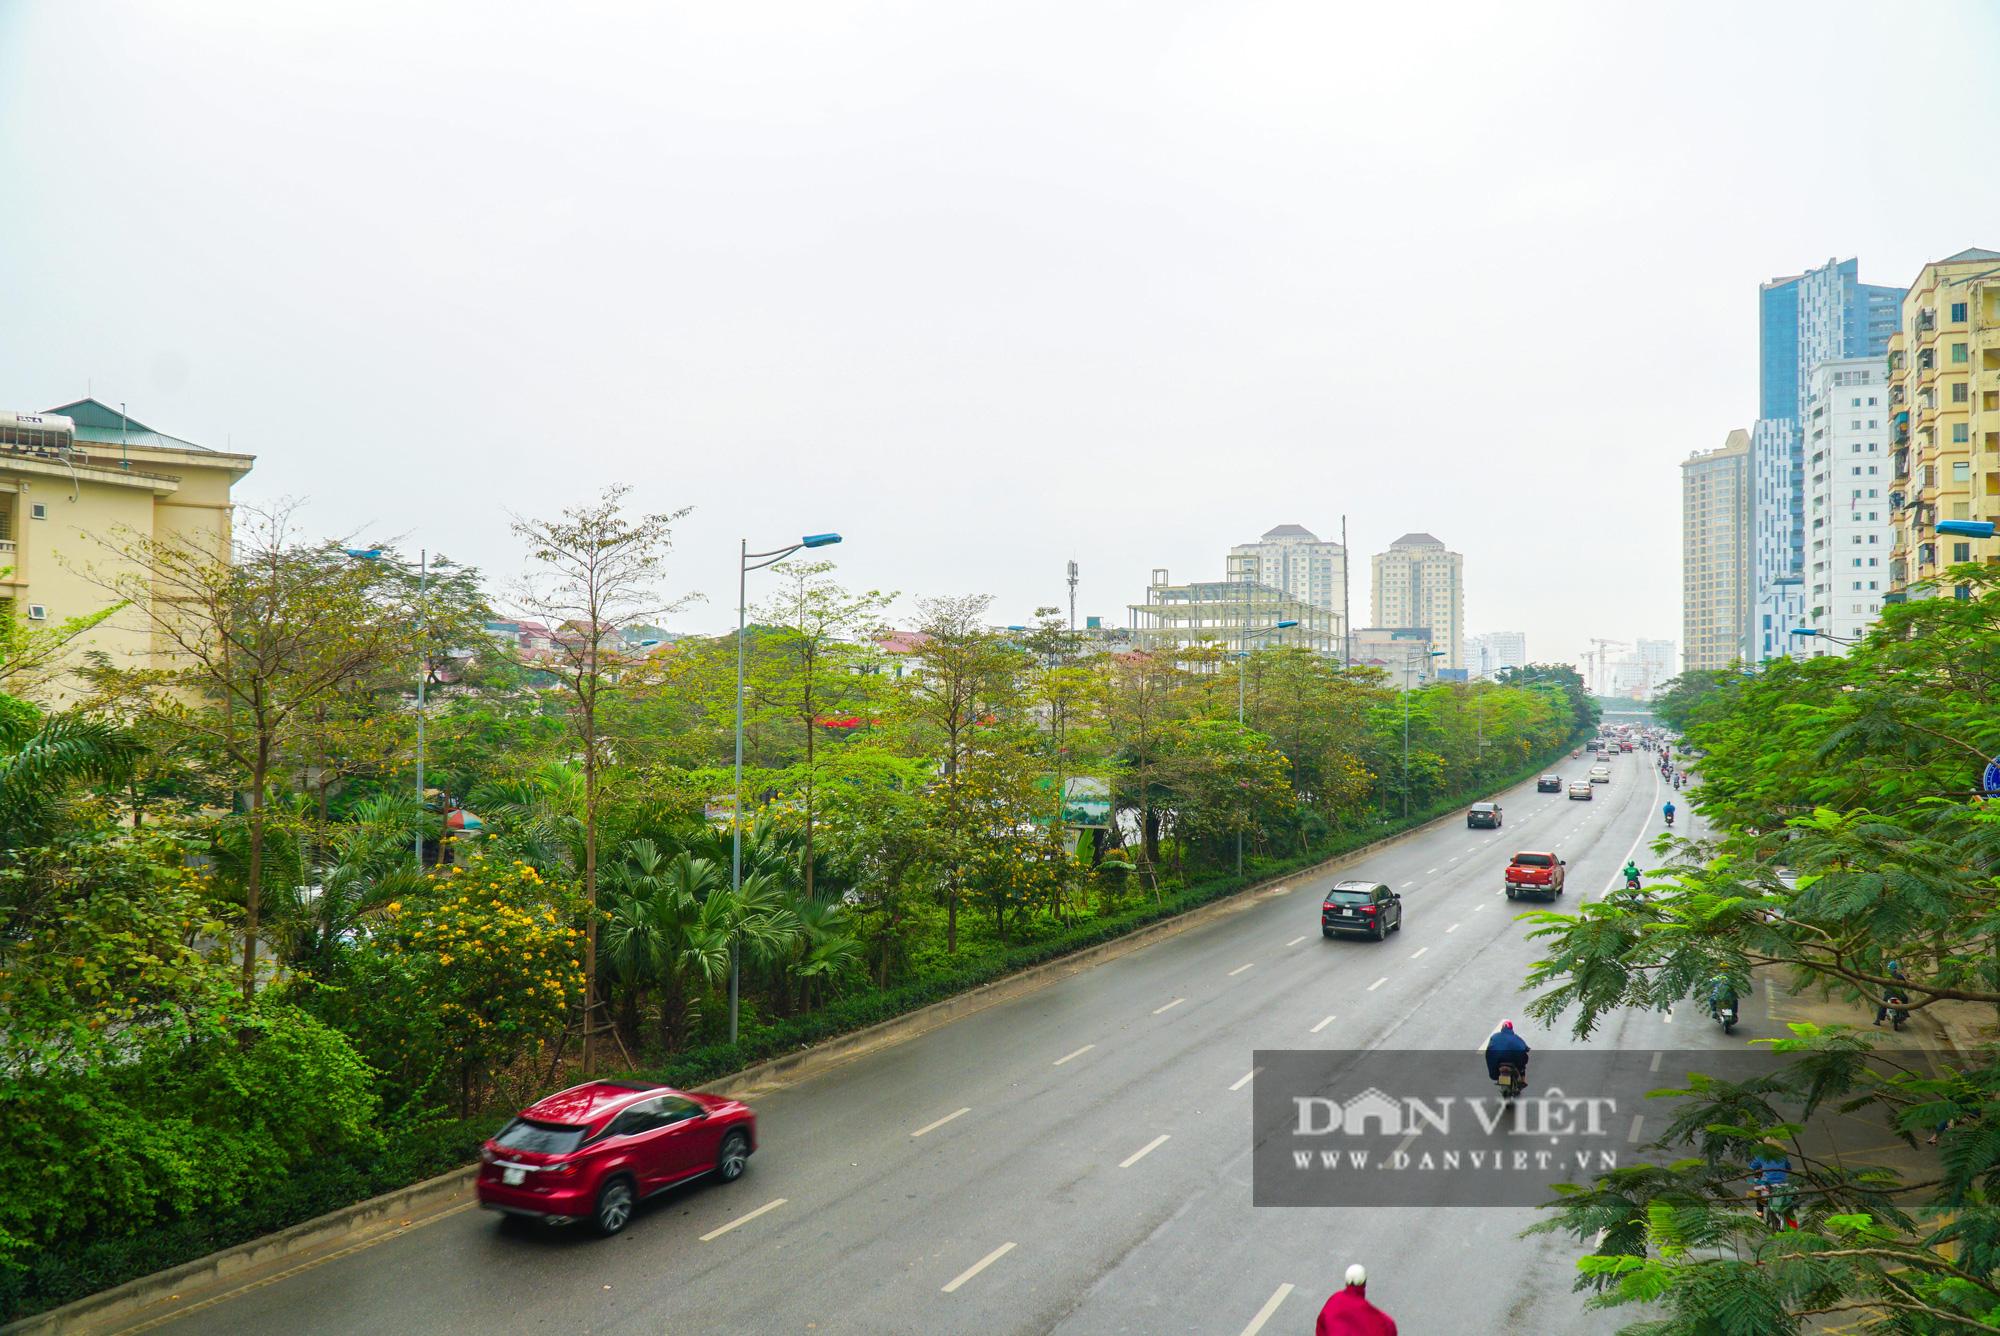 Điểm mặt những tuyến đường nhiều tầng cây xanh ở Hà Nội - Ảnh 7.